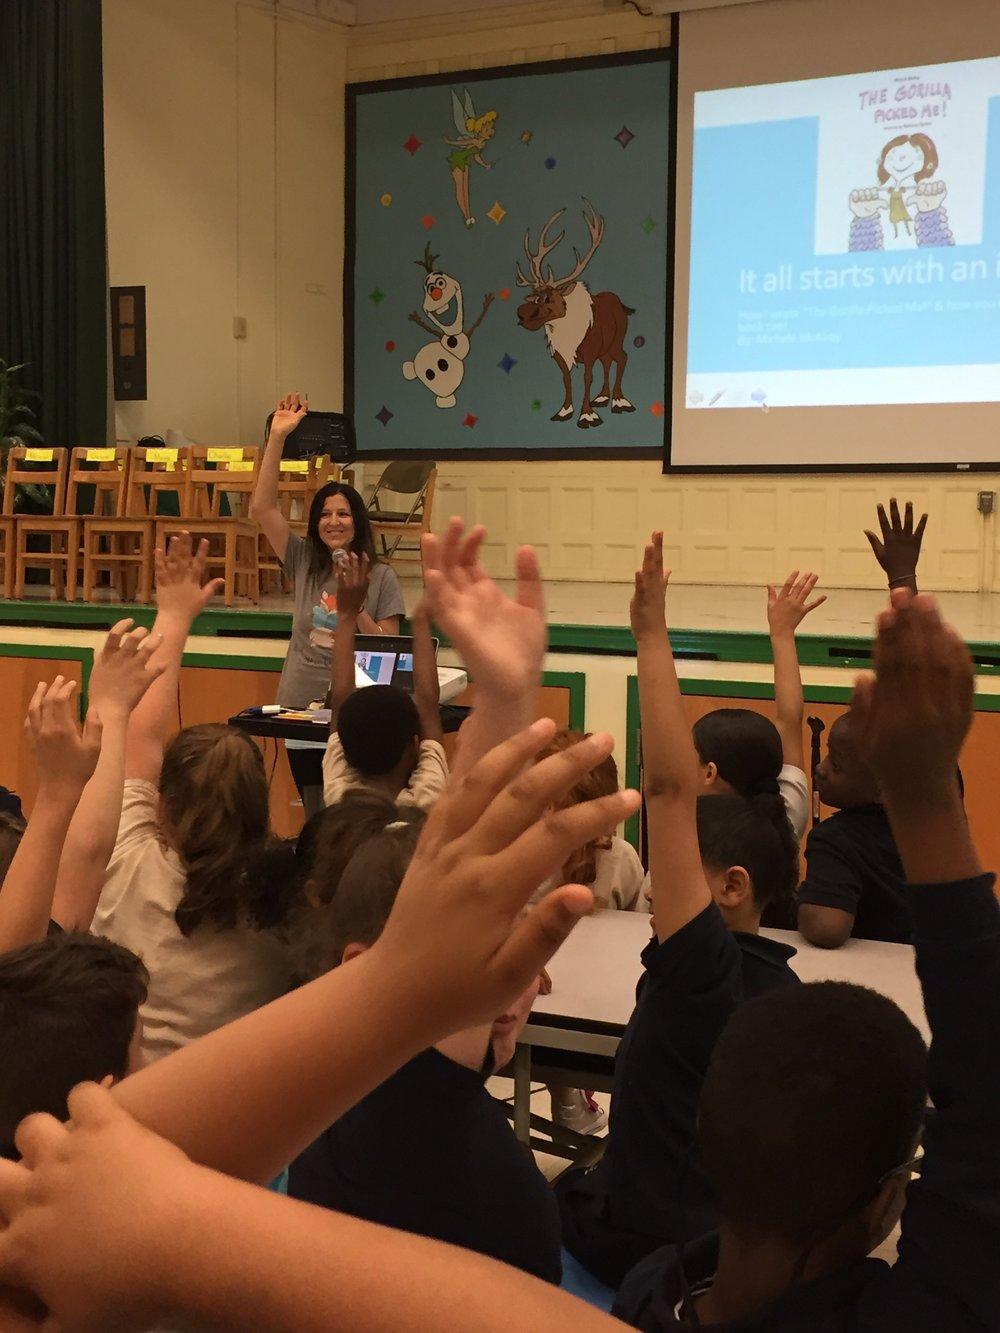 Gorilla school visit Vroom Bayonne NJIMG_6825.JPG